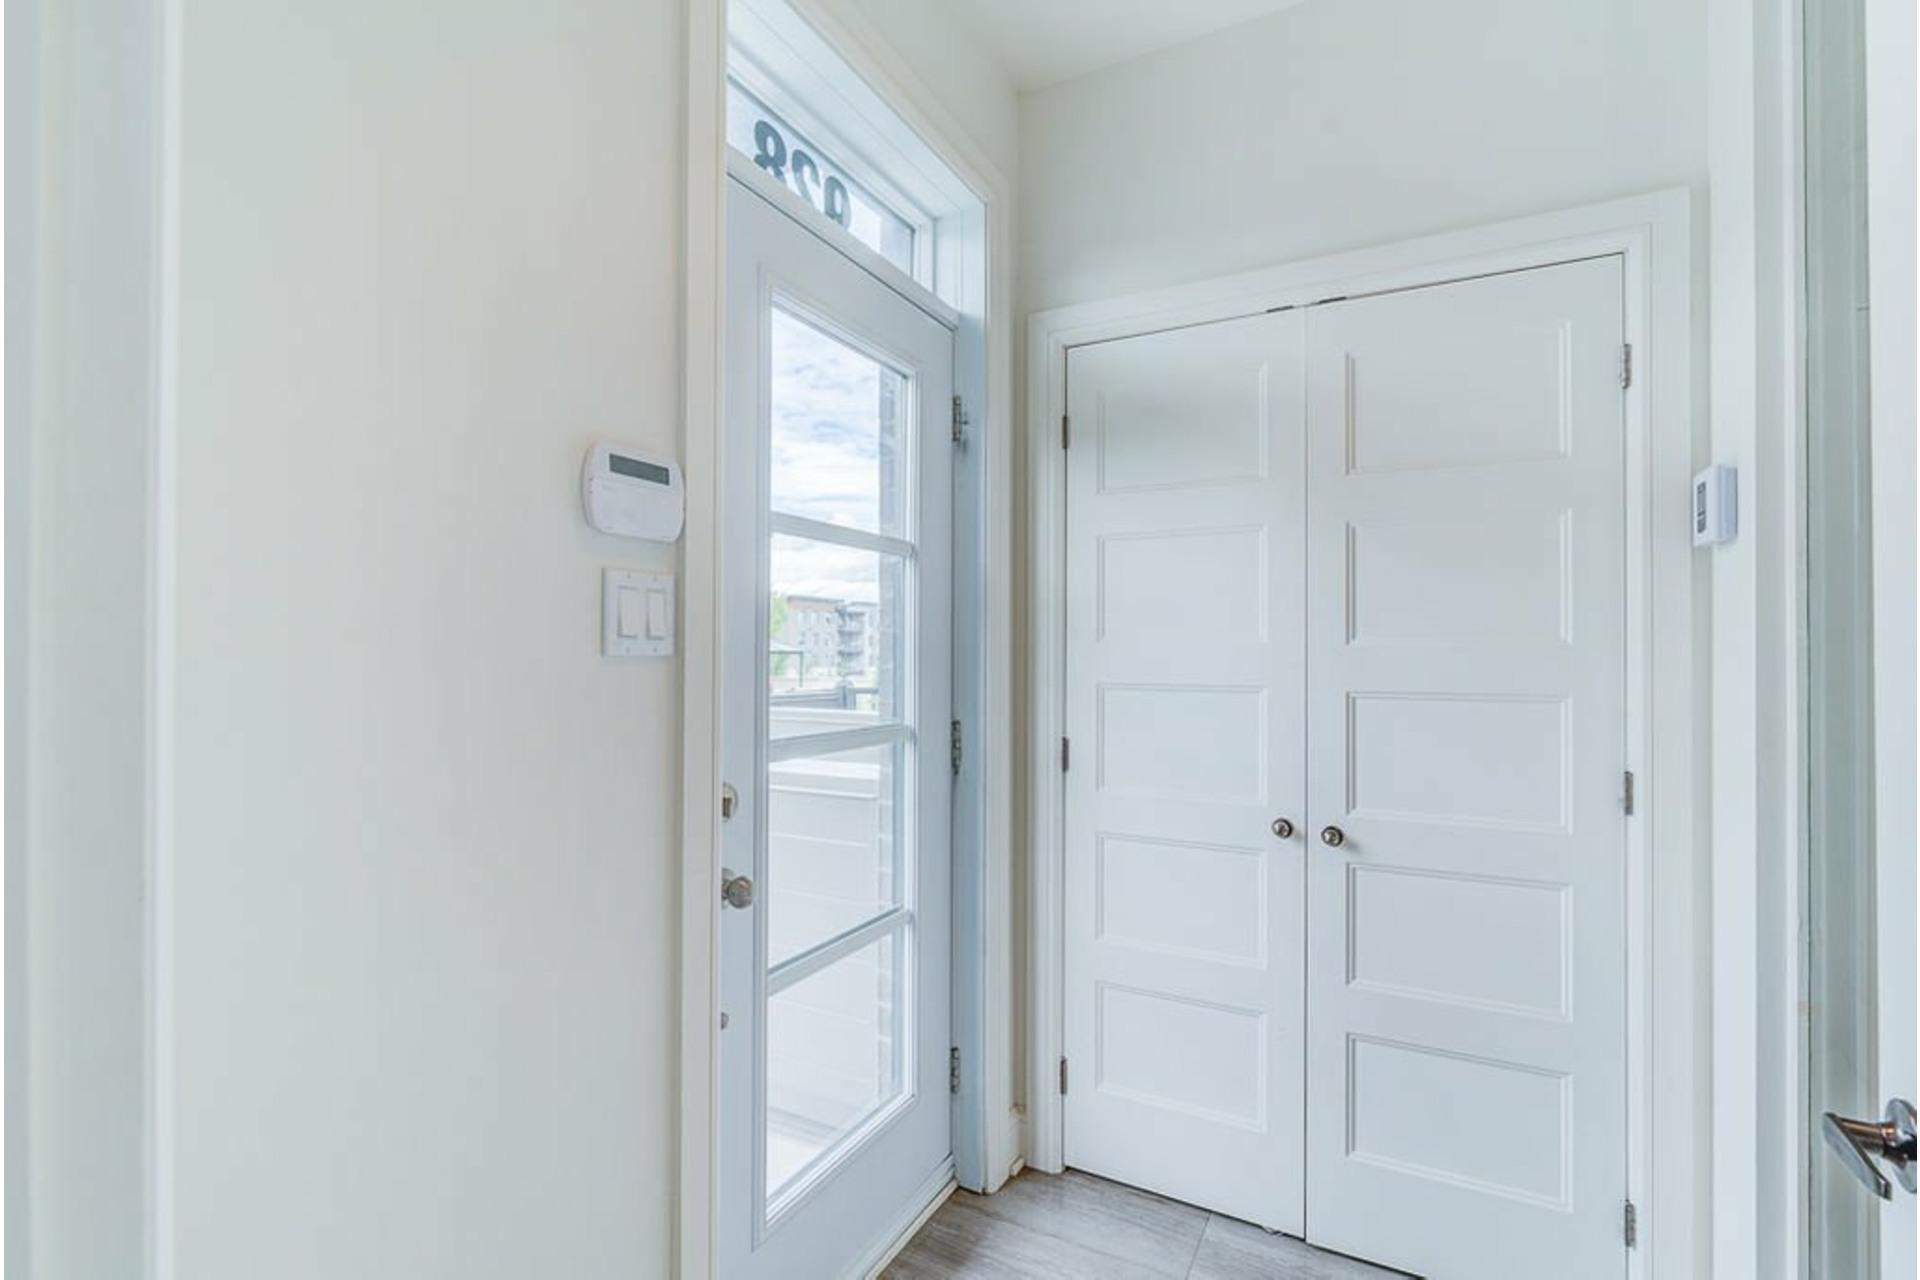 image 1 - Appartement À vendre Terrebonne Terrebonne  - 6 pièces